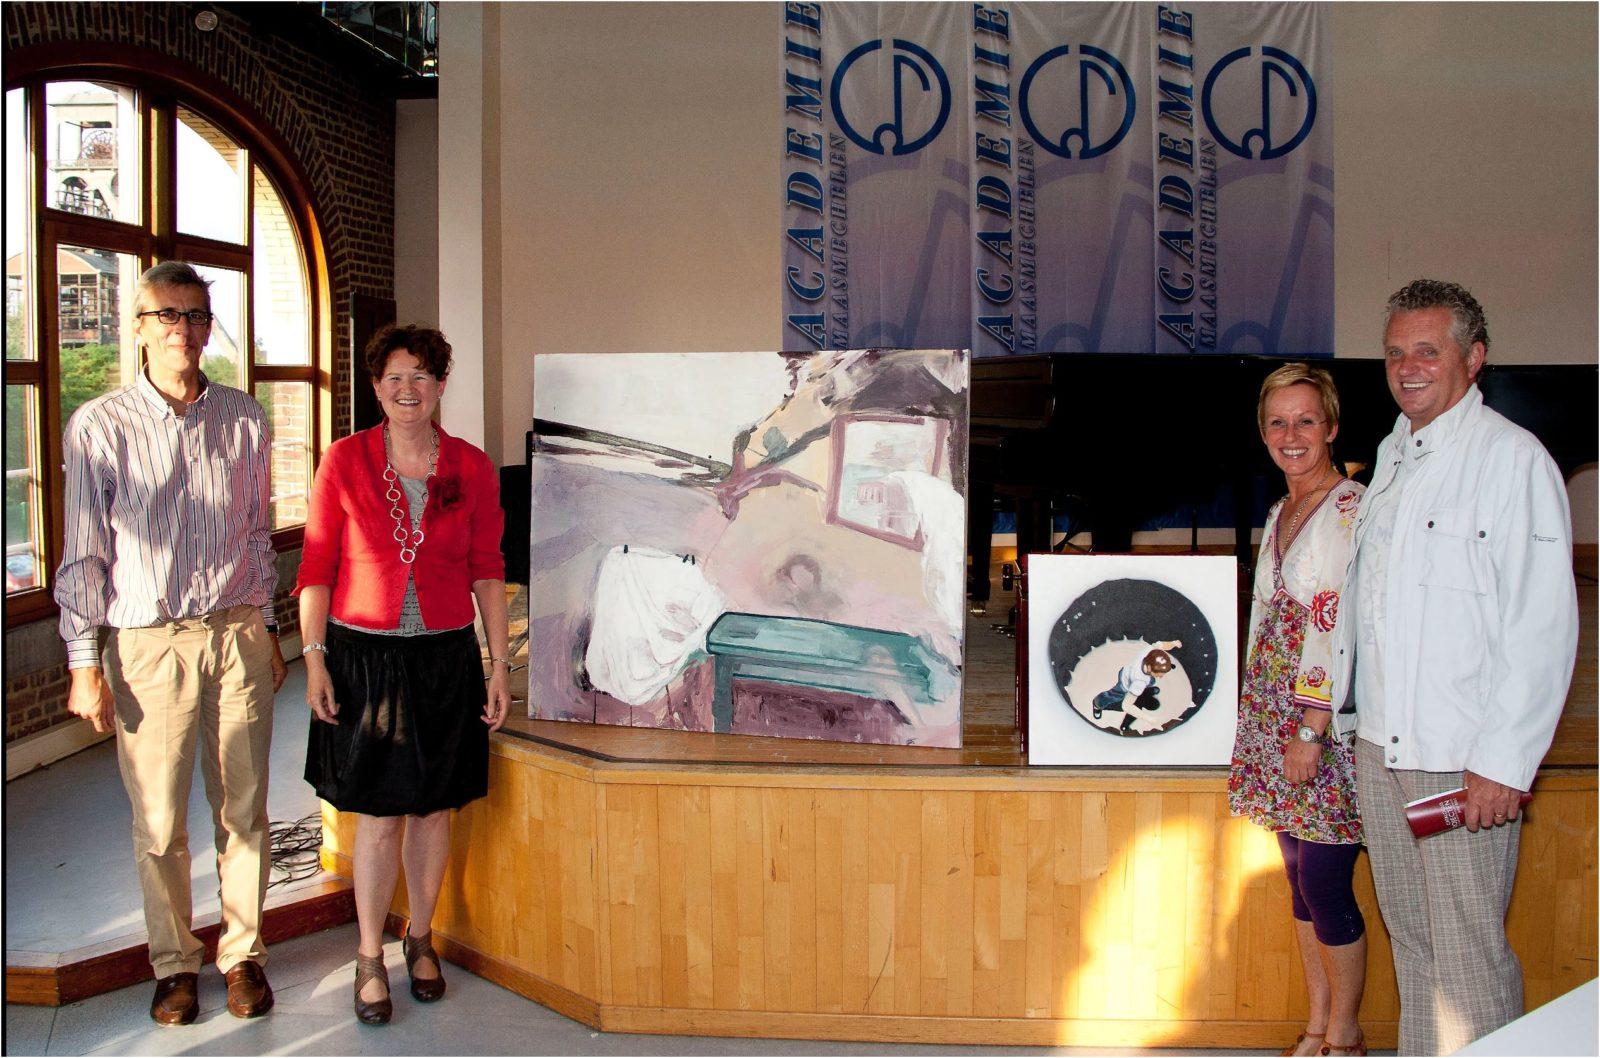 Rita Koolstra is hier cum Laude geslaagd op de Kunstacademie. Het schilderen op een iPad kan zeker mee helpen om inspiratie op te doen voor 'gewone kunst'.